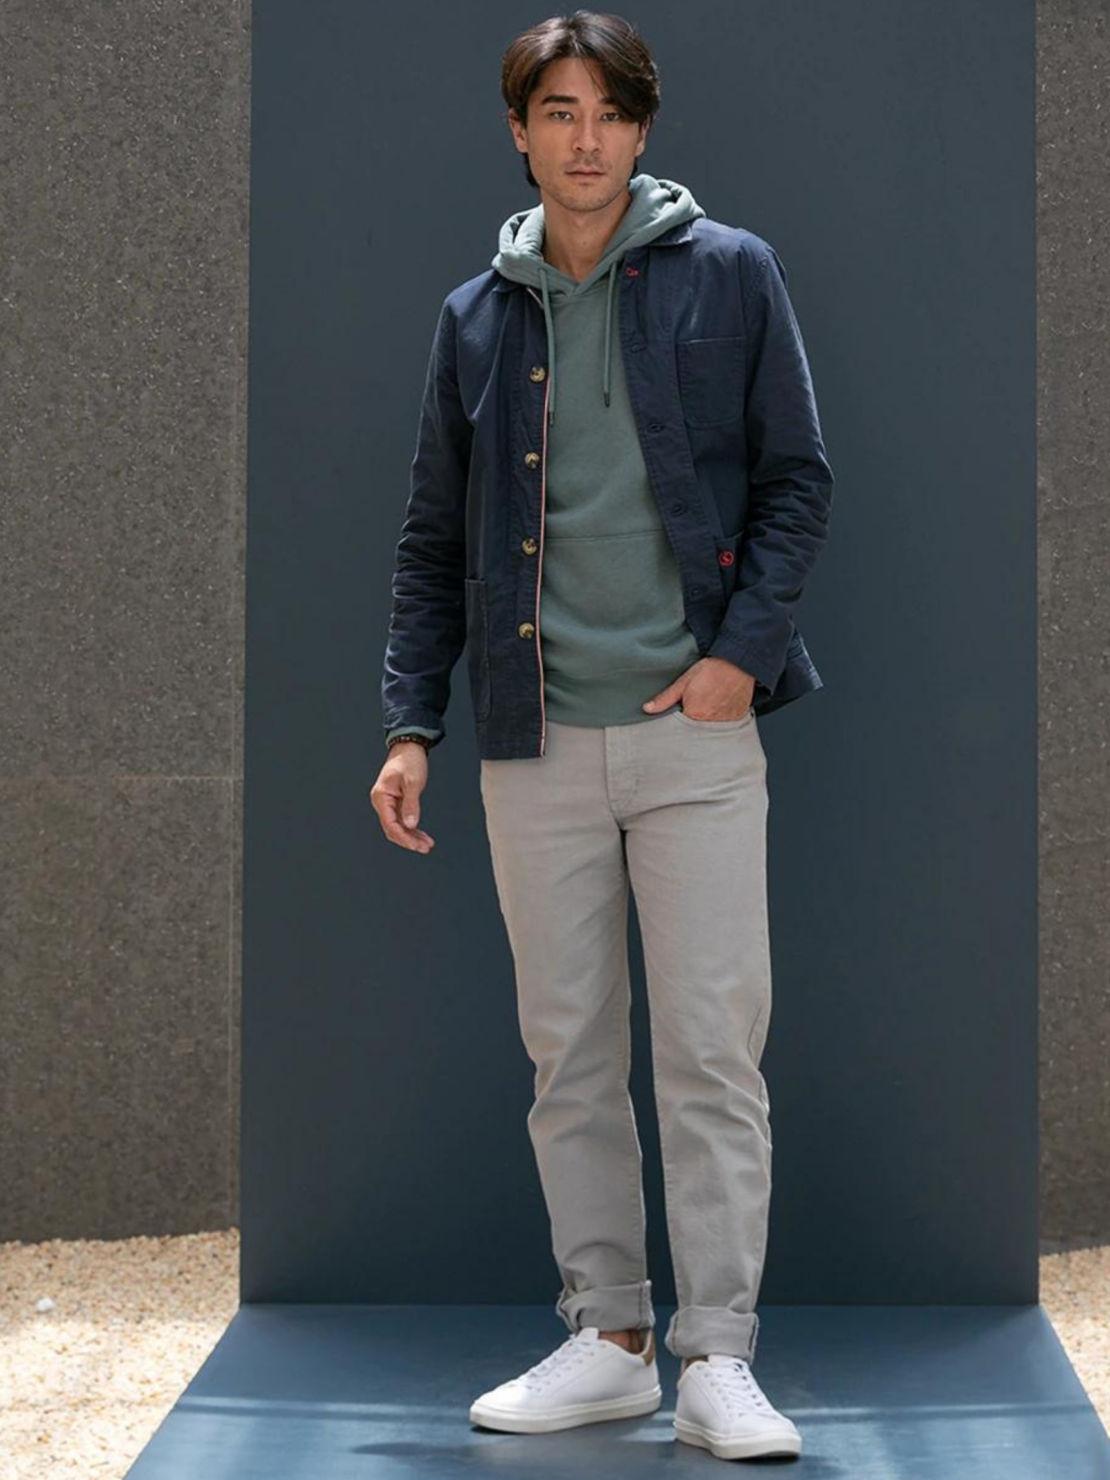 Crea tu outfit perfecto para otoño con estos básicos para hombre - diseno-sin-titulo-64